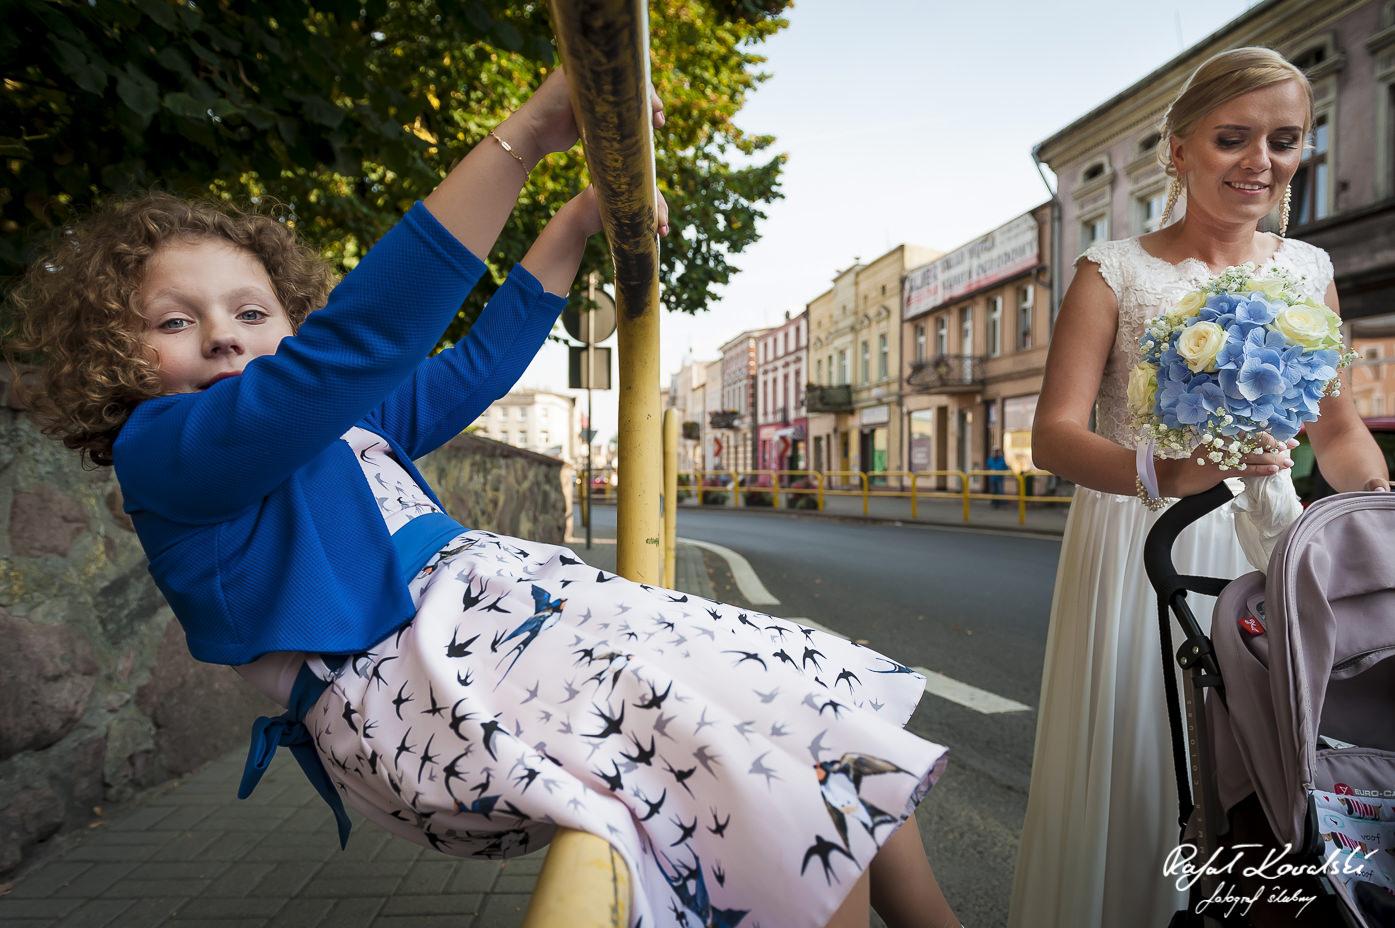 fotograf Trójmiasto Rafał Kowalski